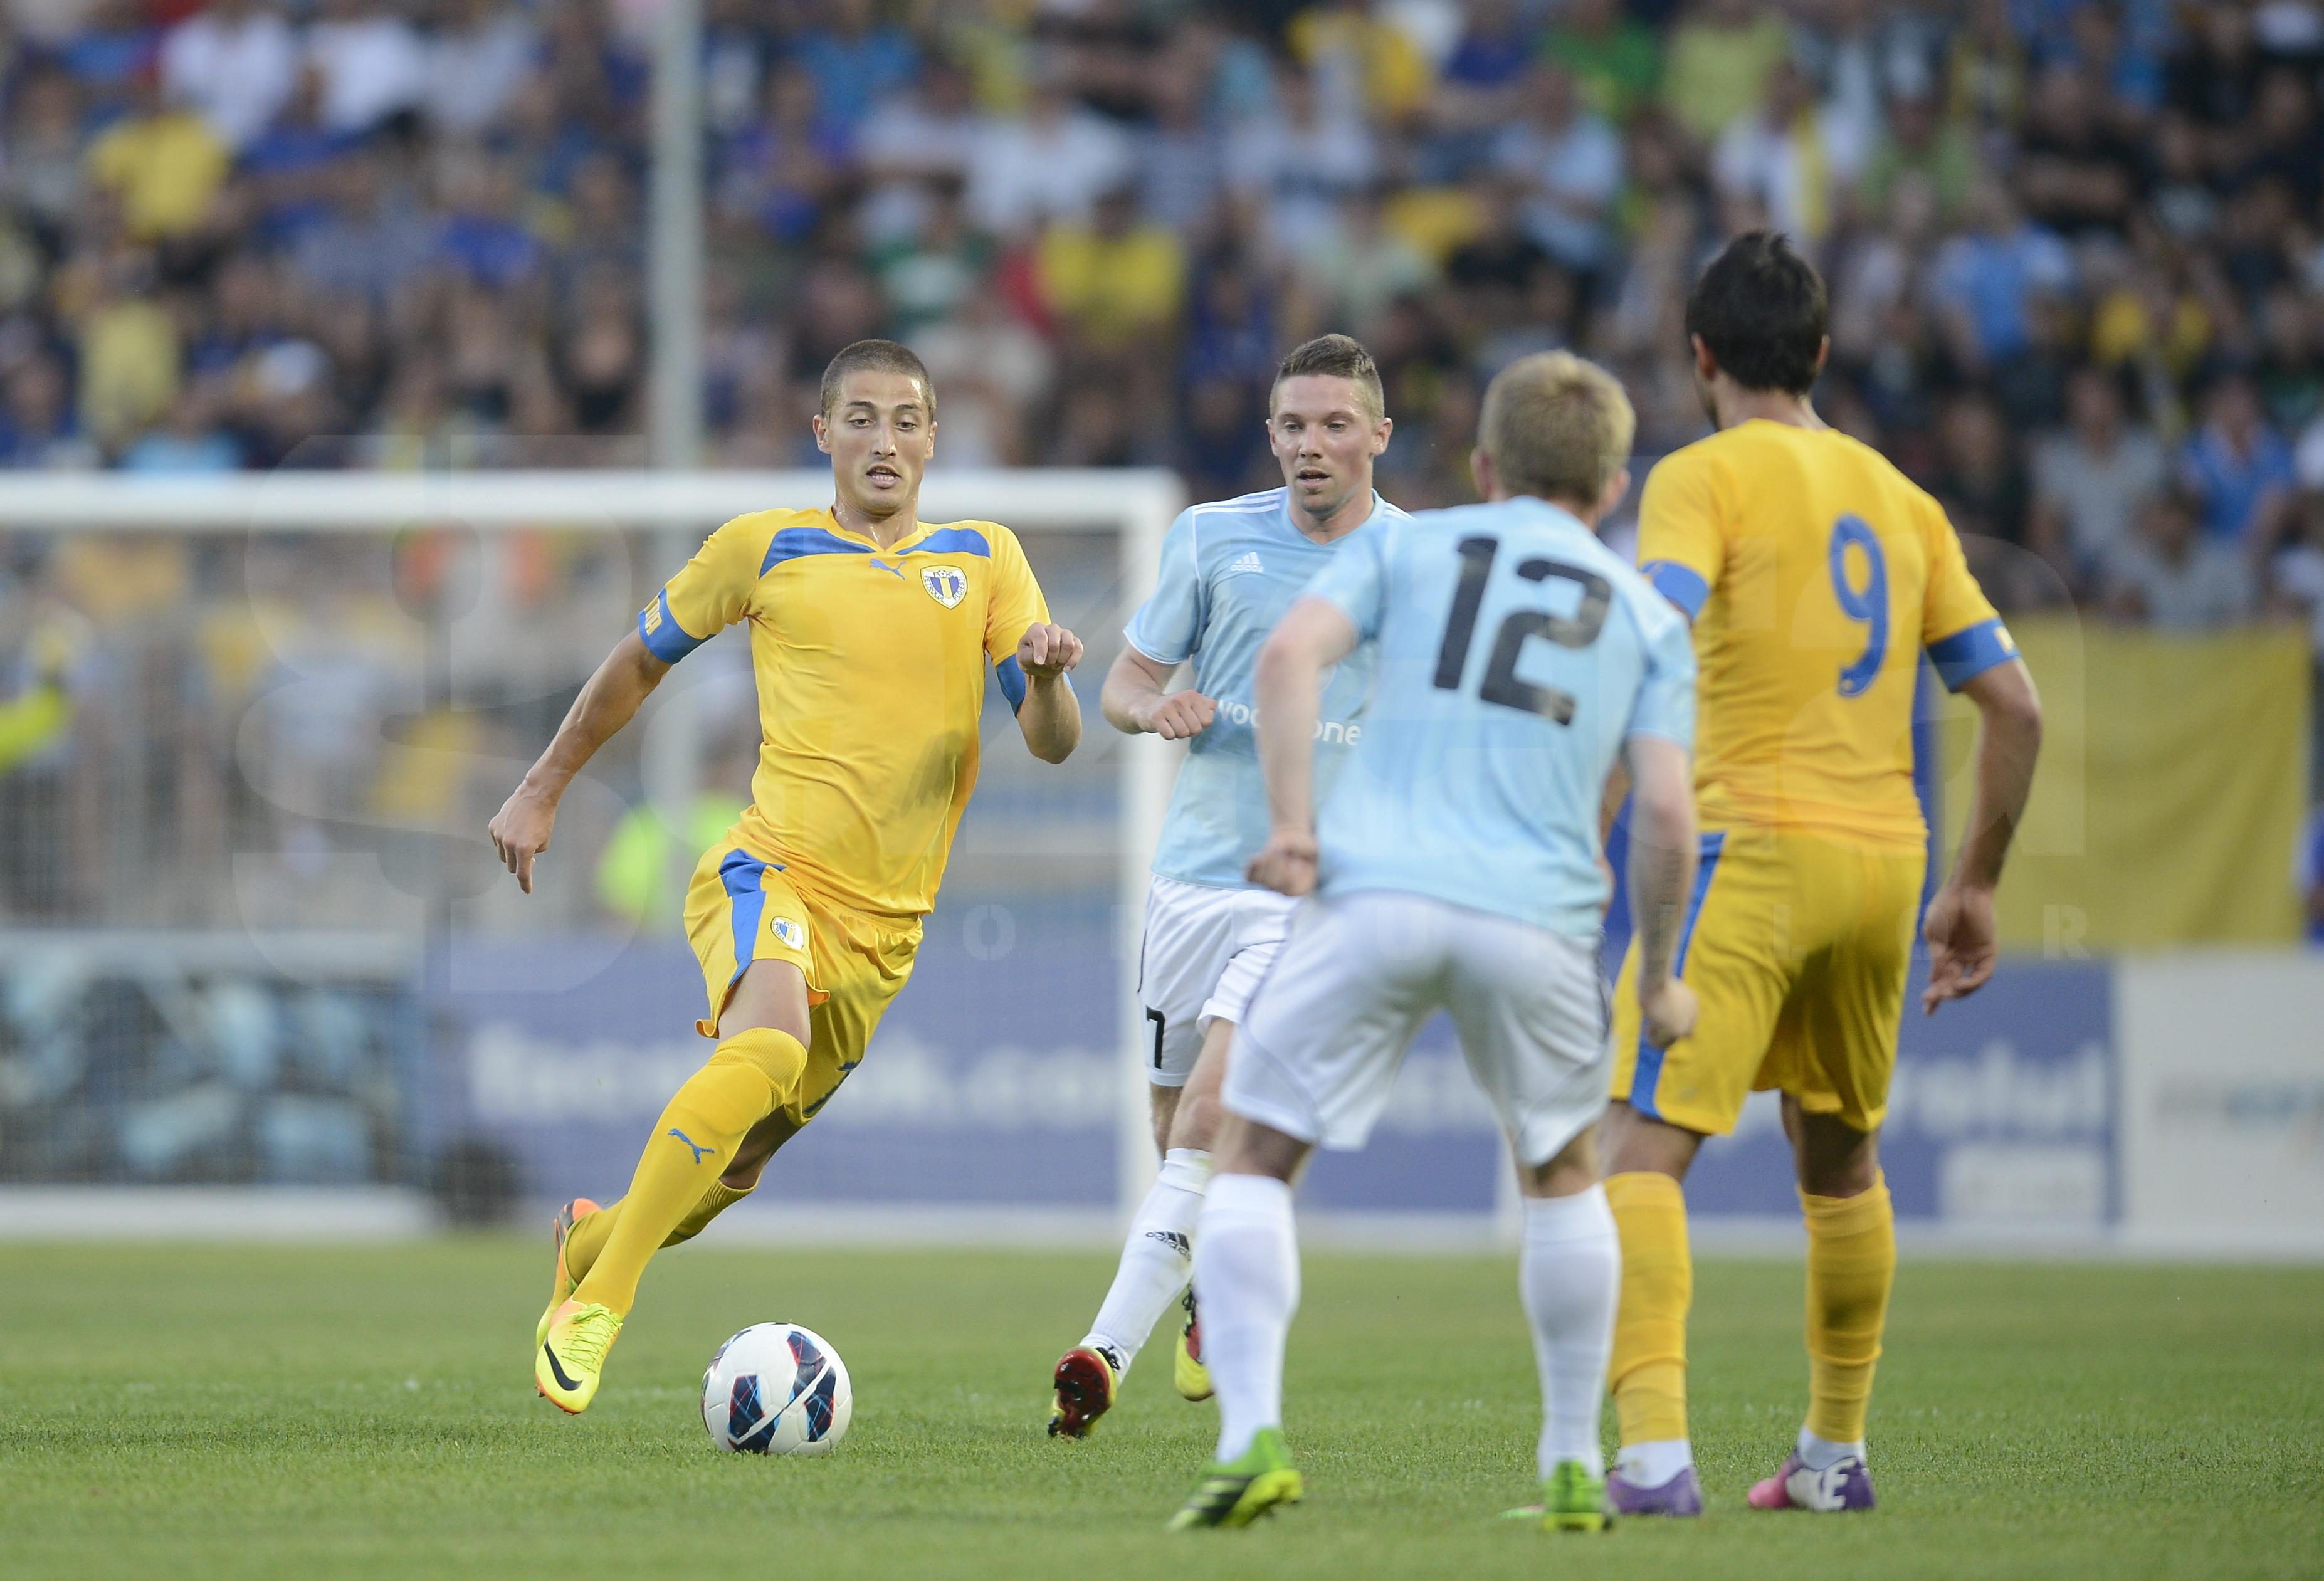 Petrolul Ploiesti a invins cu scorul de 3-0 pe Vikingur Gota, in prima mansa a turului II preliminar al Ligii Europa! VIDEO